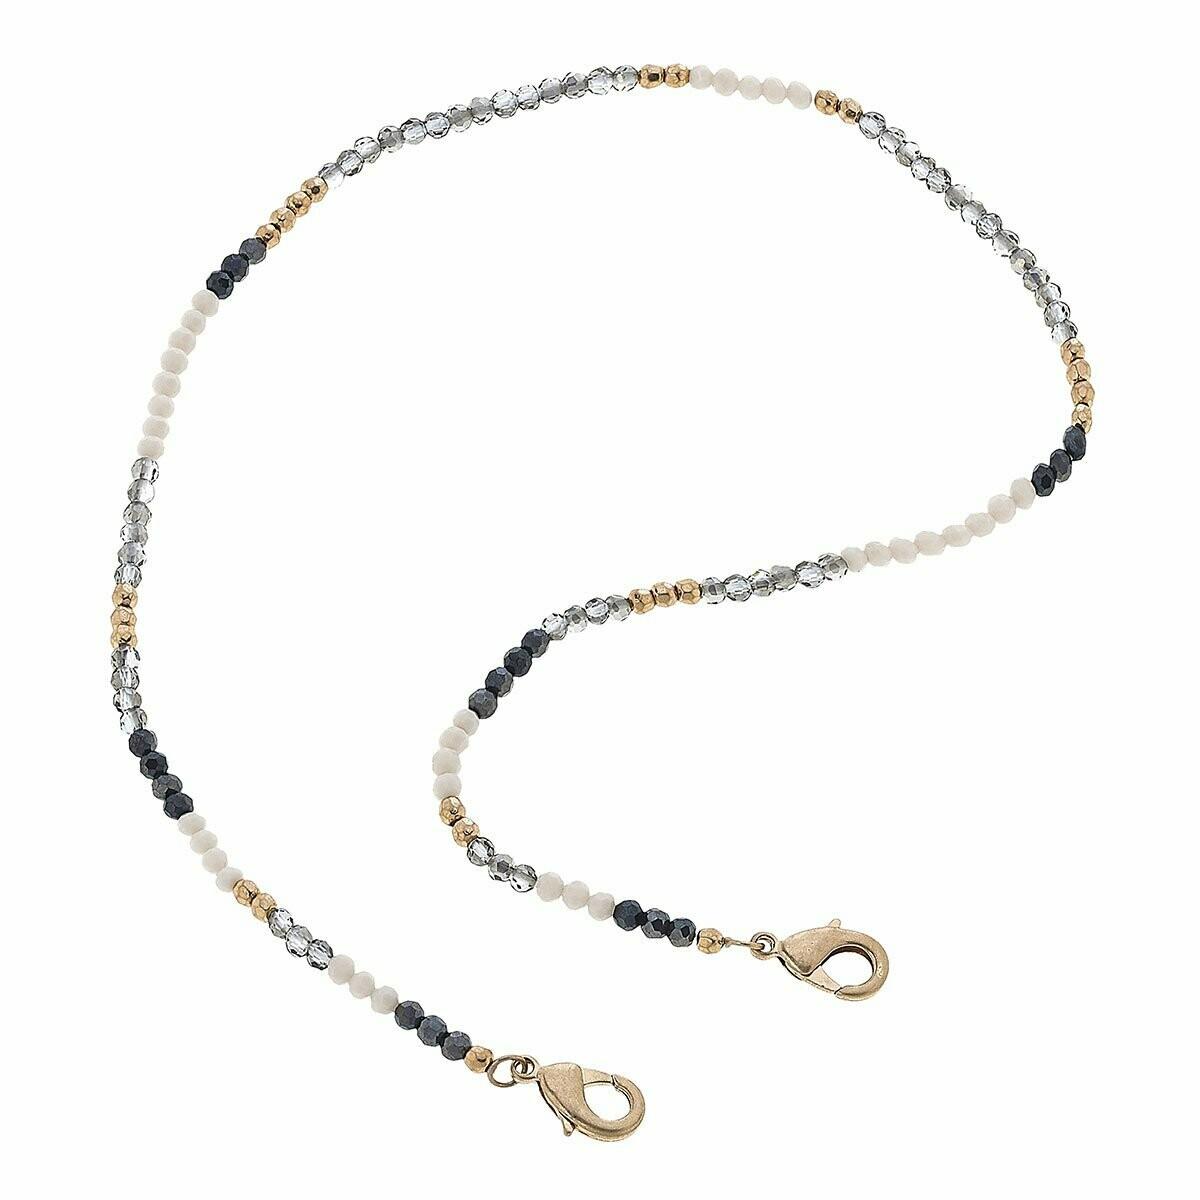 Chain Mask Necklace 22020M-PL-20